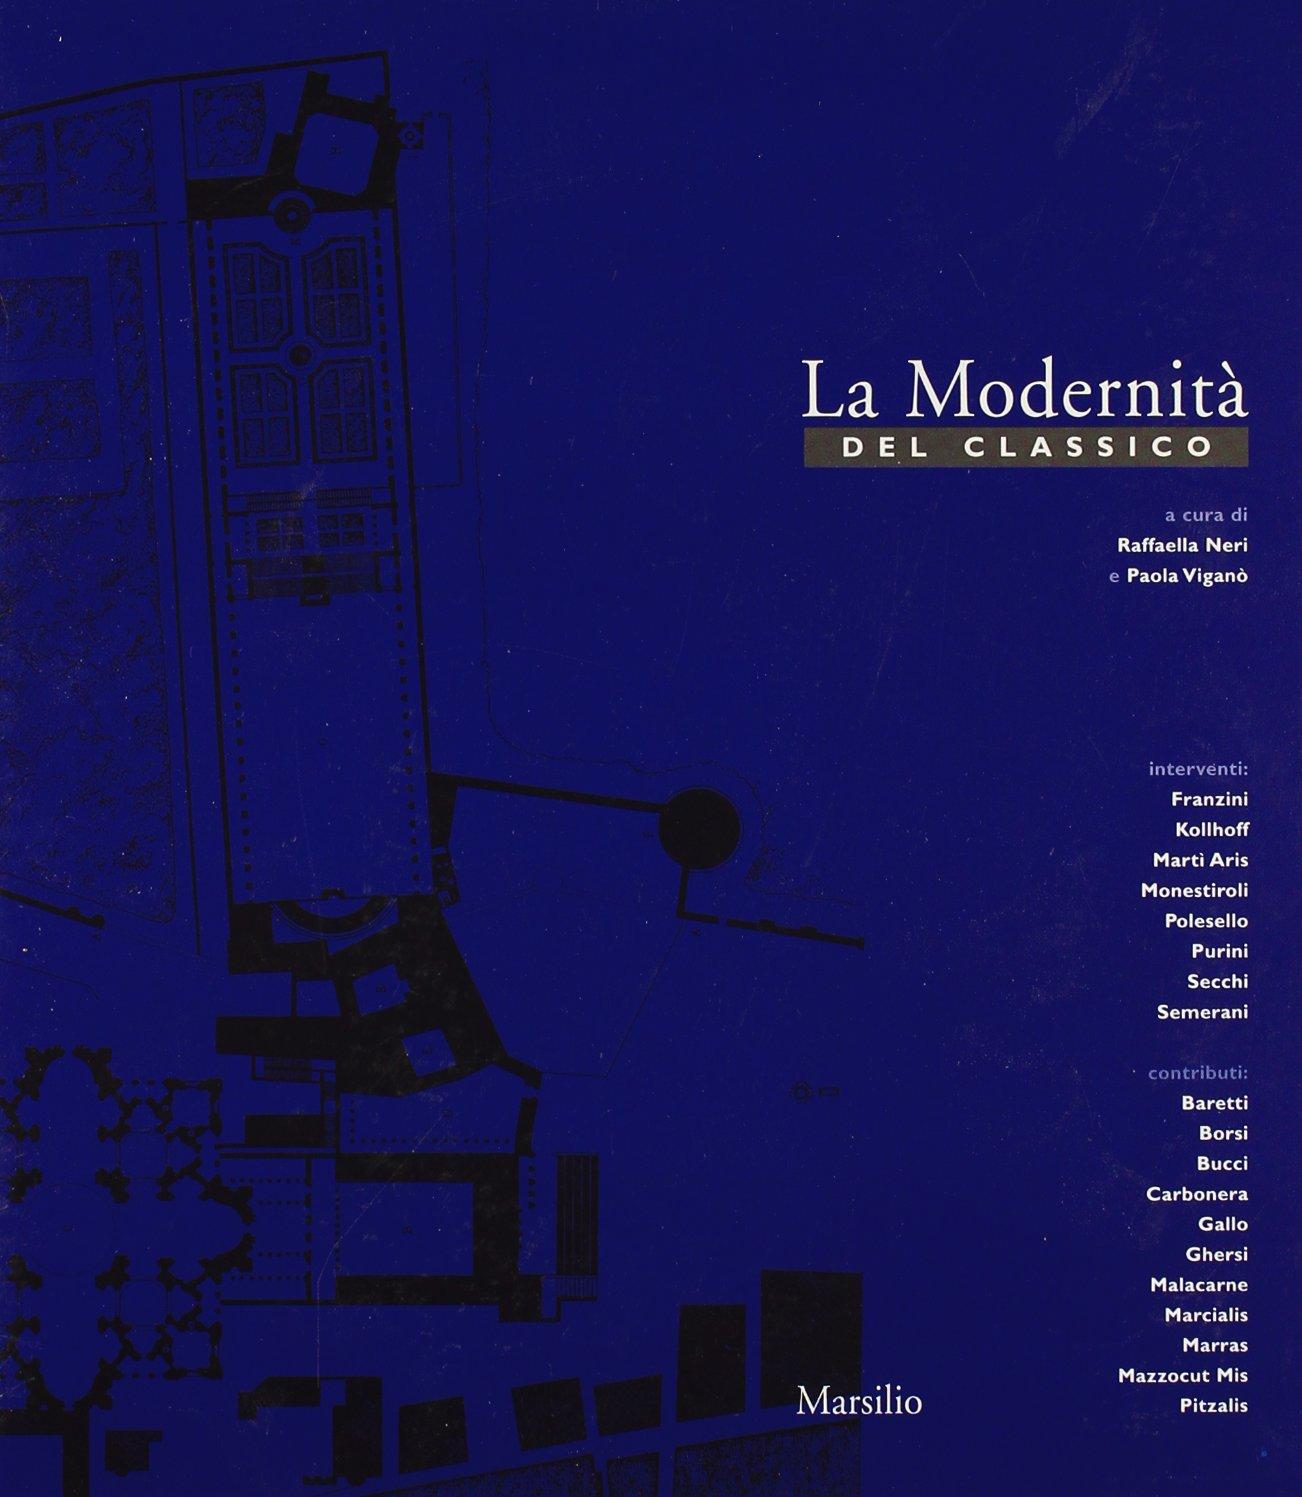 """M. Baretti, """"Paesaggi, da vicino, da lontano""""; Sara Carbonera, """"Redents: unità e variazione"""", in R. Neri e P. Viganò (a cura di), La Modernità del classico, Marsilio, Venezia, 2000, pp.154-155"""